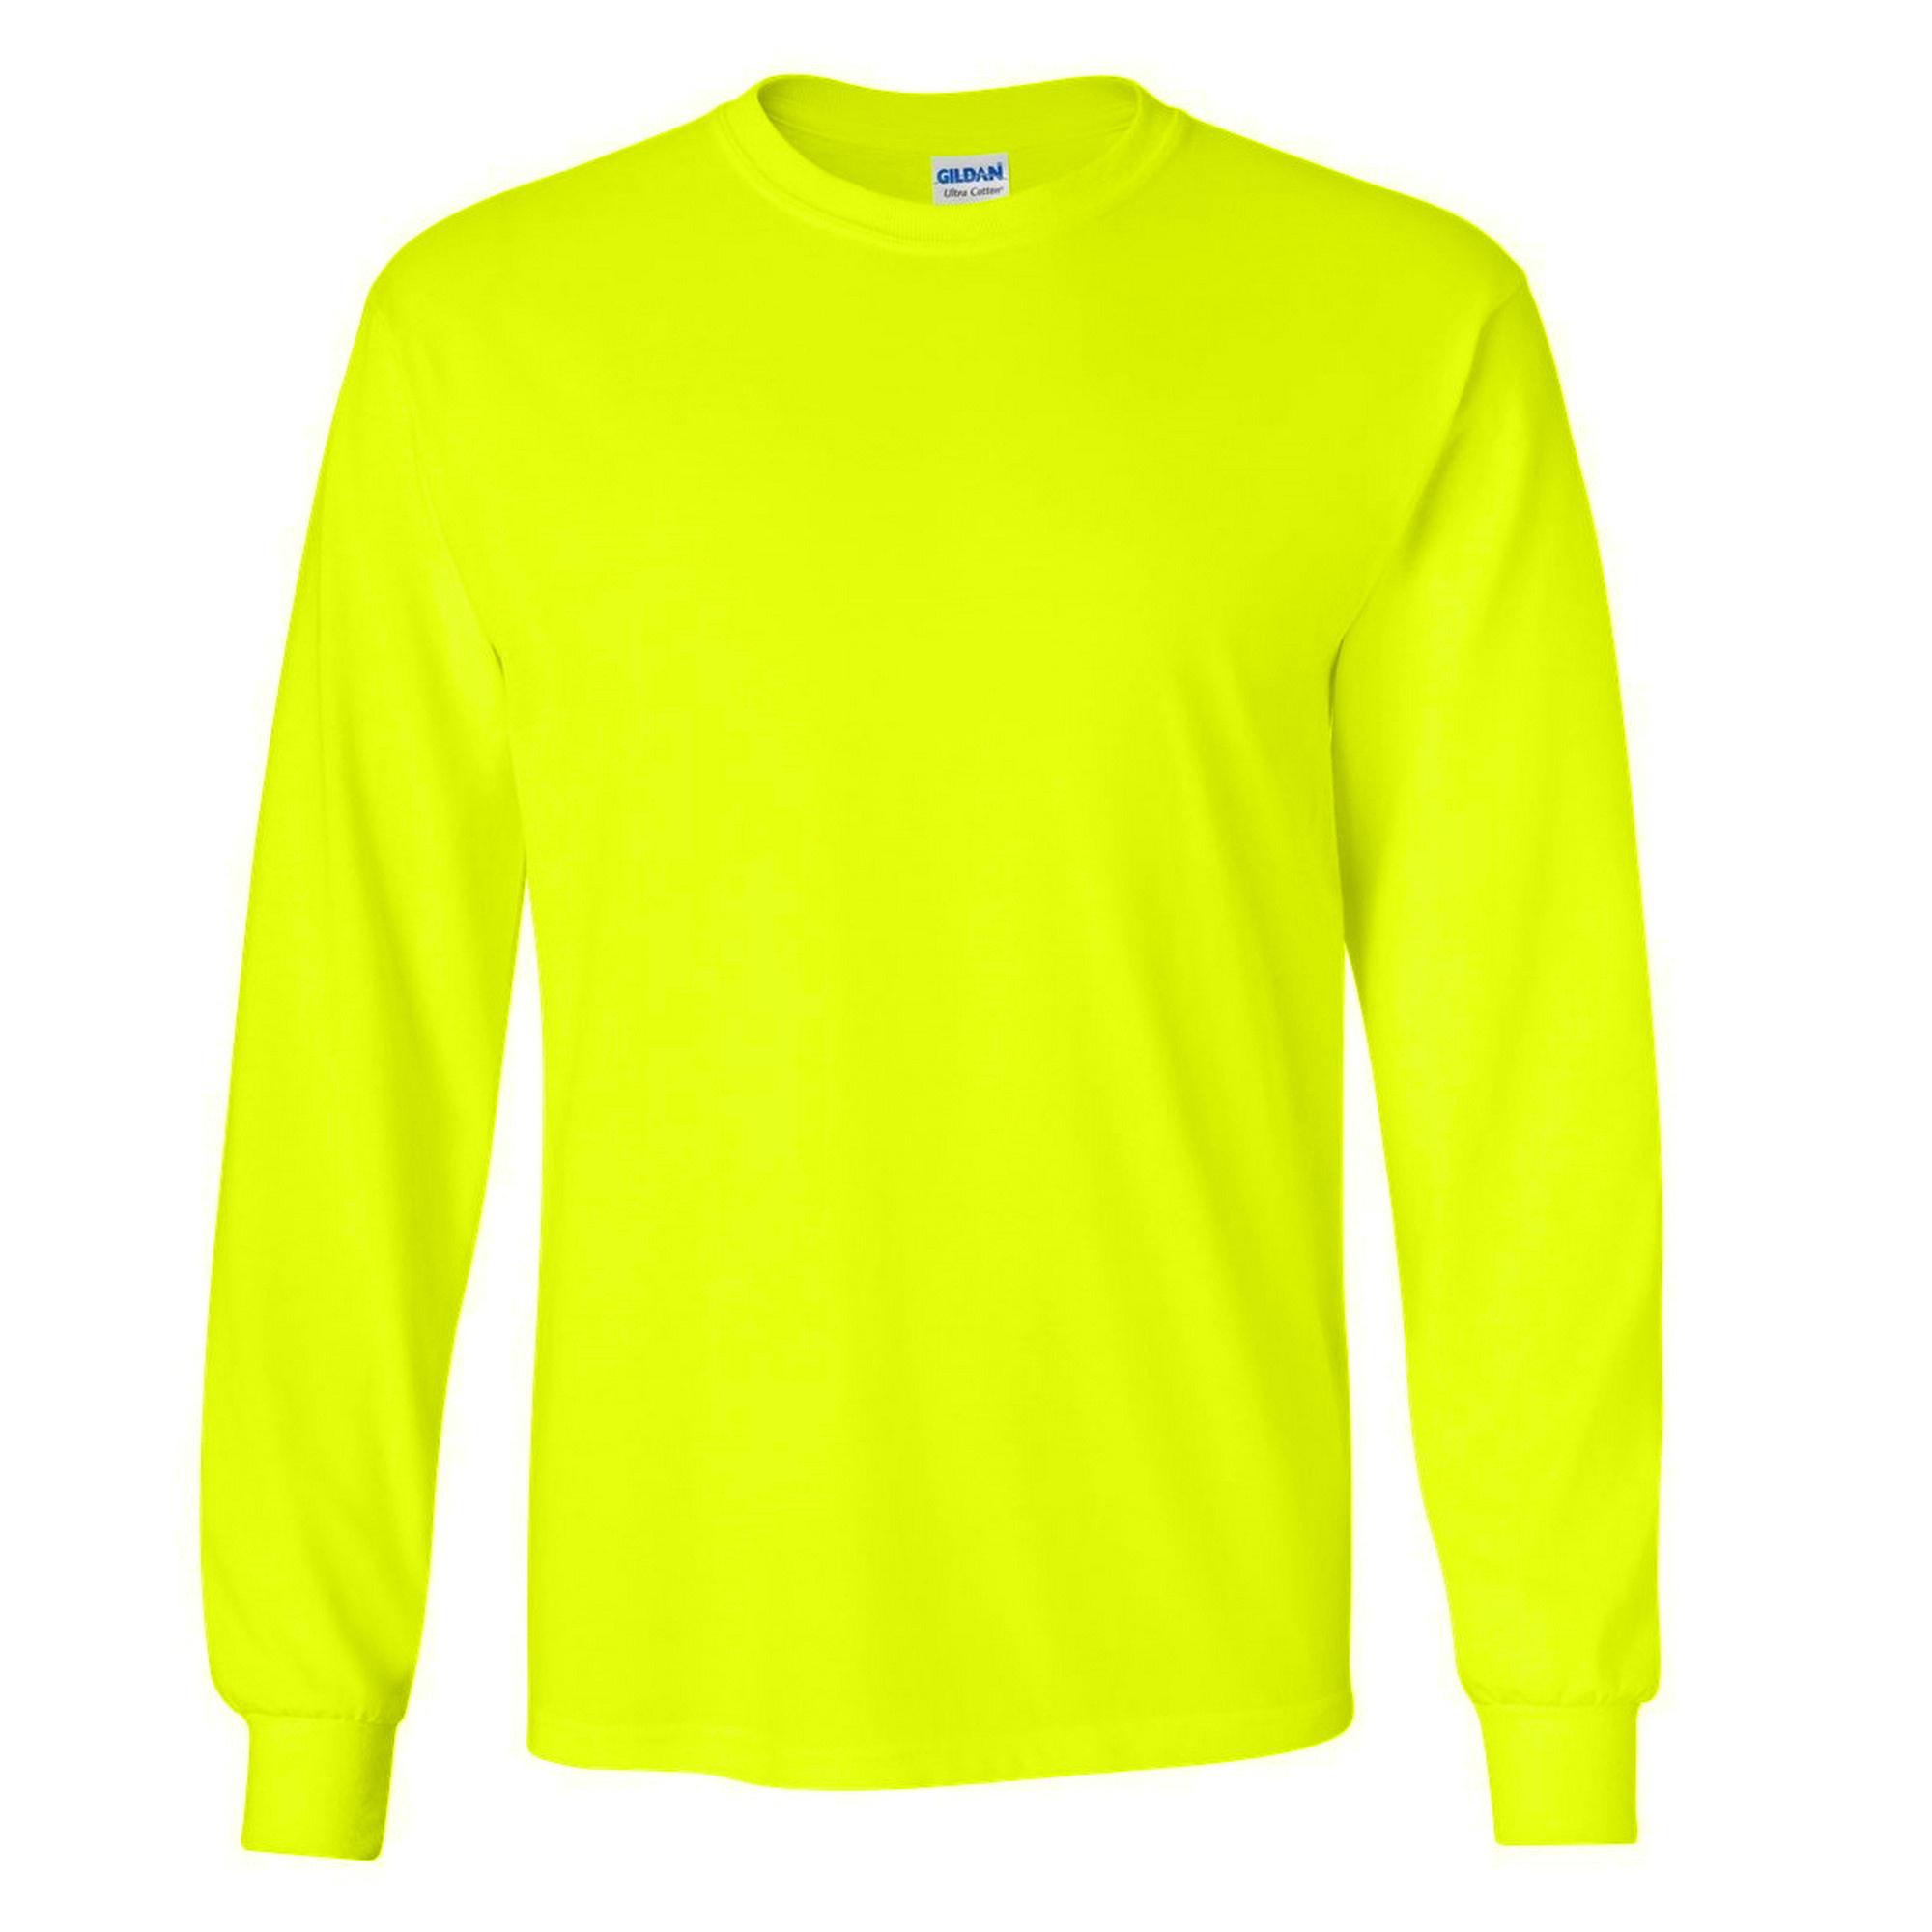 miniature 45 - T-shirt-uni-a-manches-longues-Gildan-100-coton-pour-homme-S-2XL-BC477